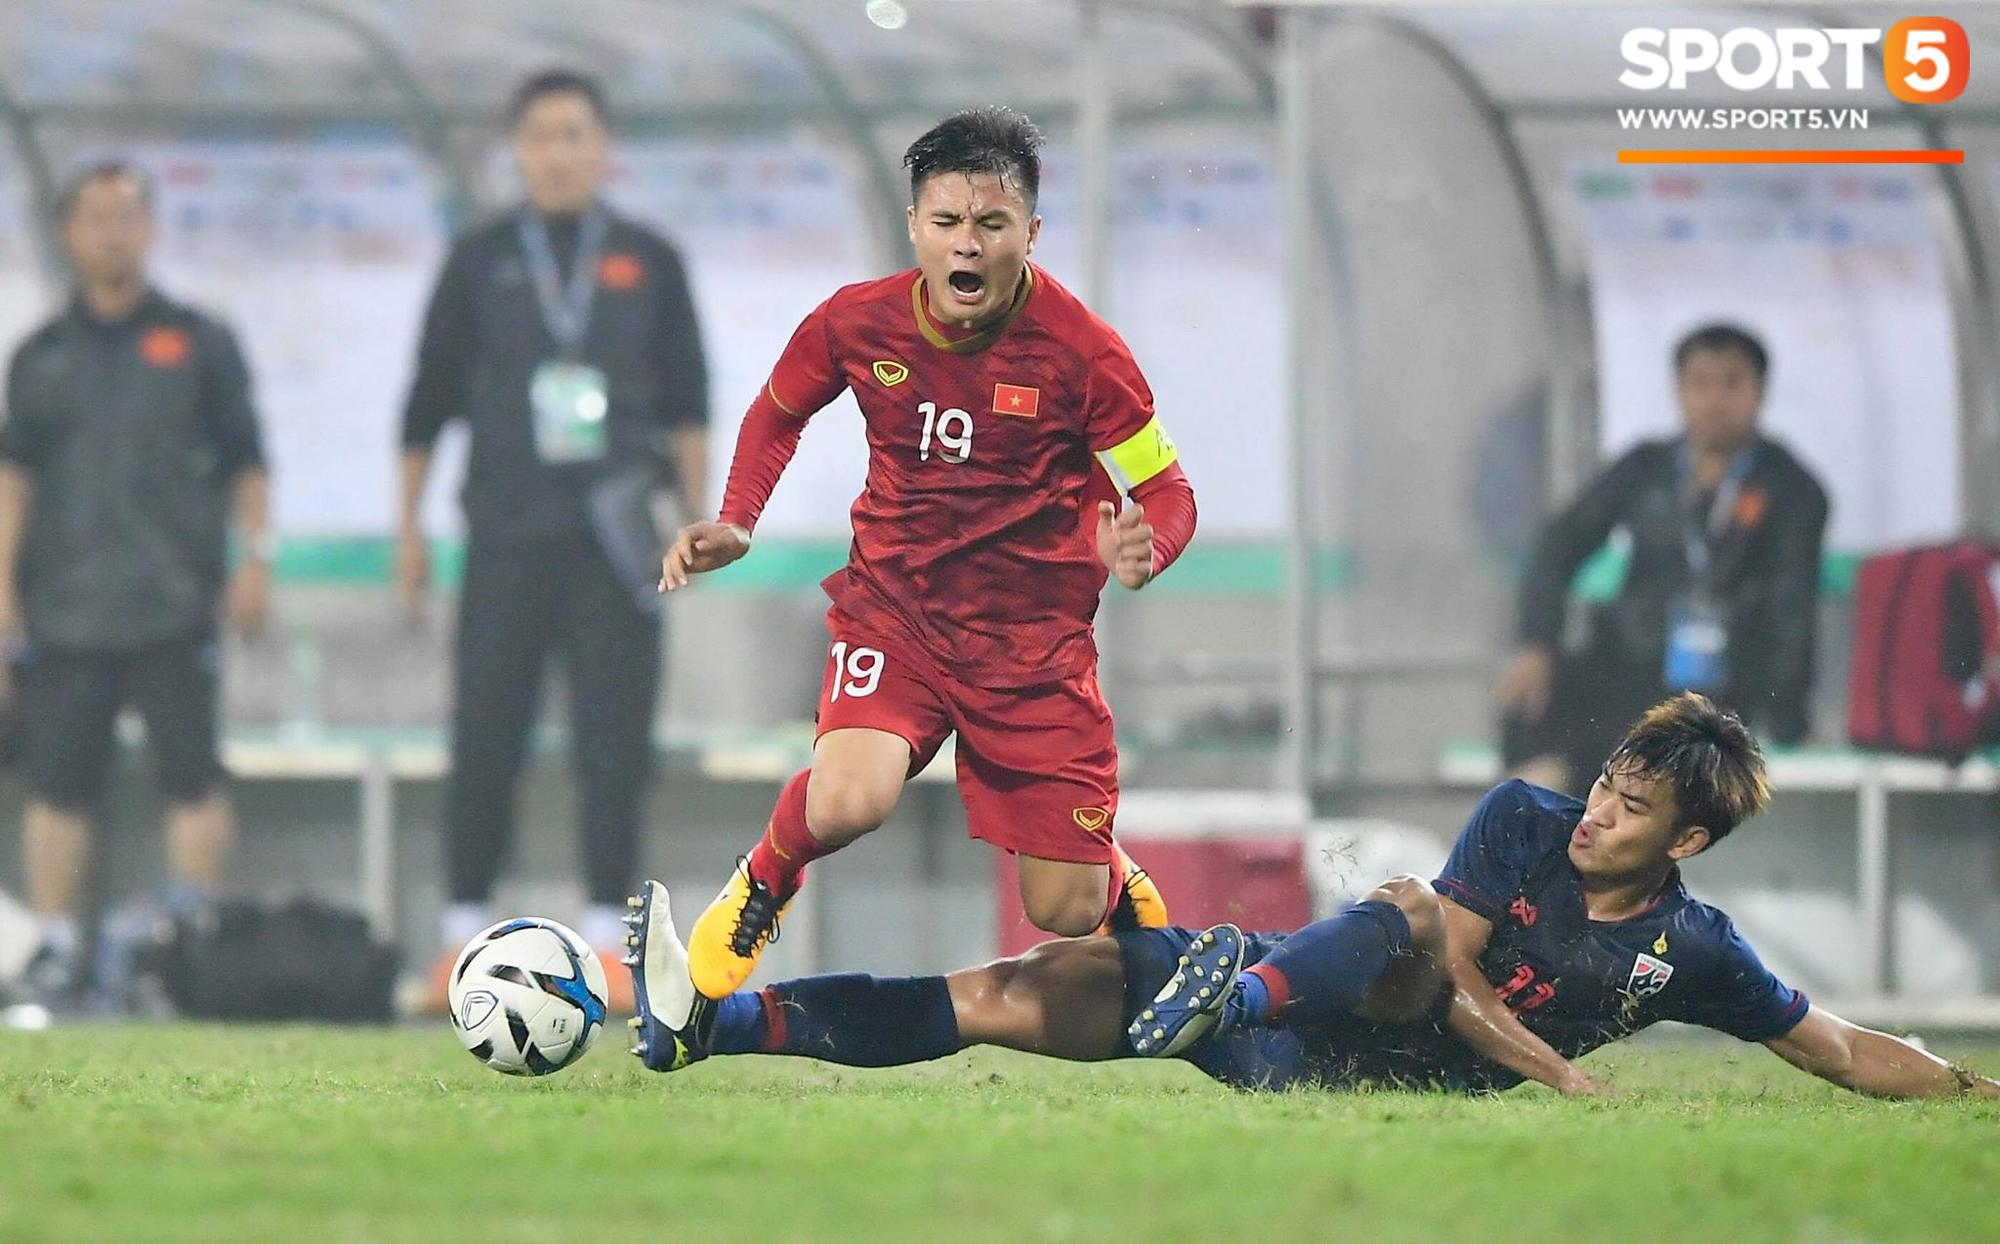 Những pha bóng quyết liệt giữa hai đội U23 Việt Nam và Thái Lan